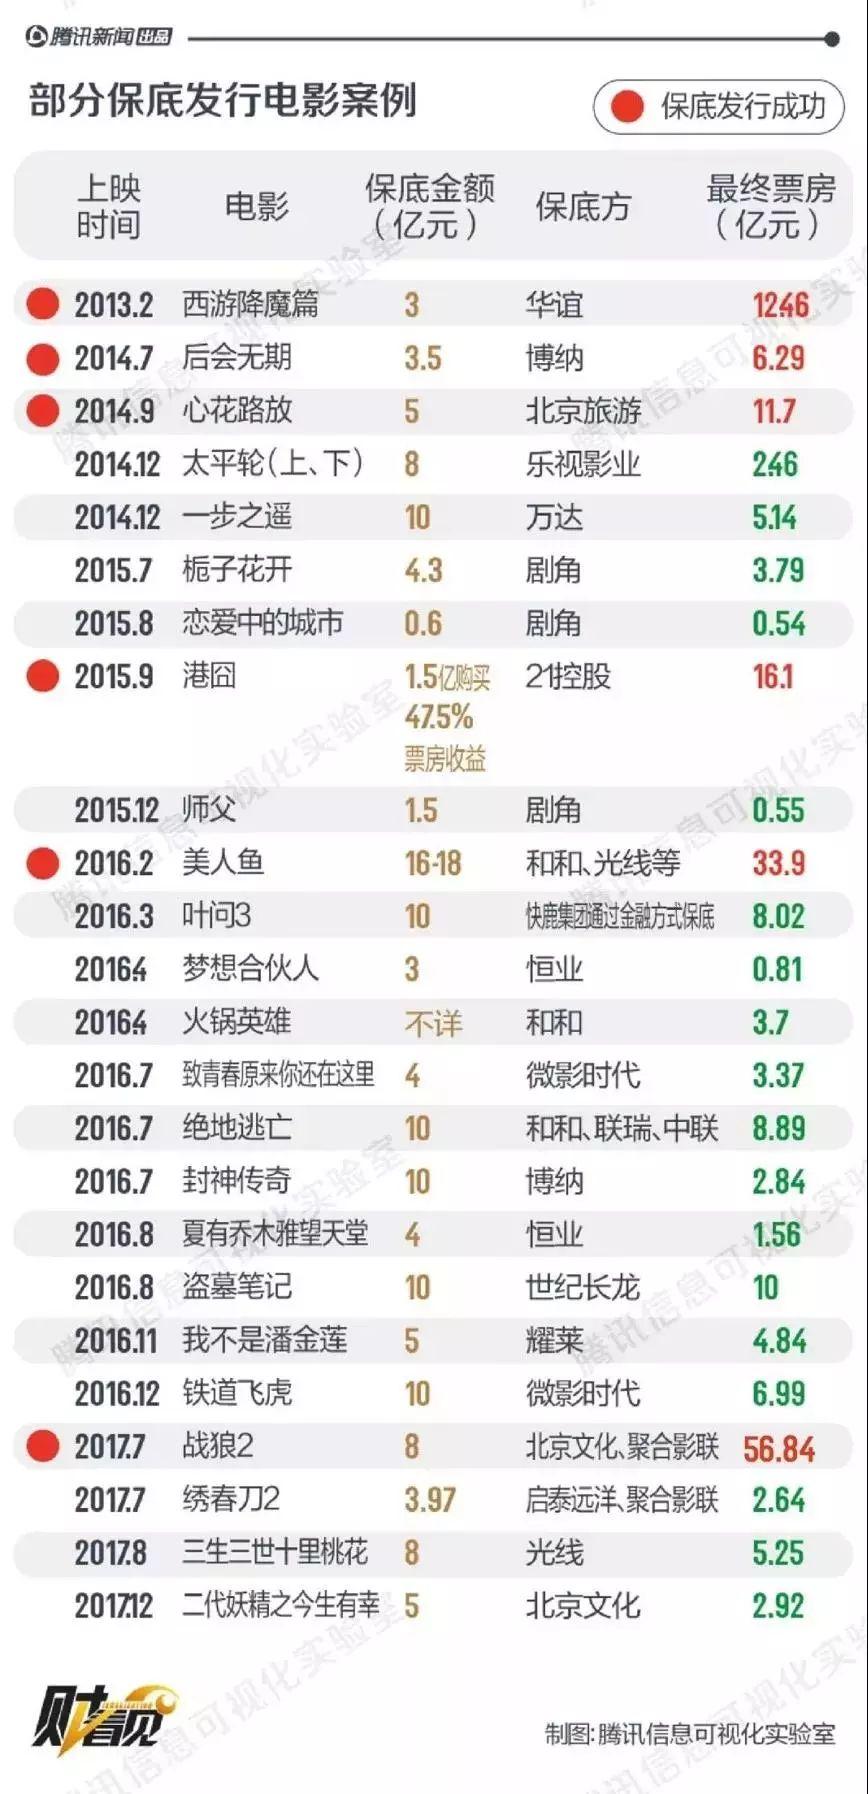 王宝强、沈腾、周星驰,谁是春节档最大赢家?